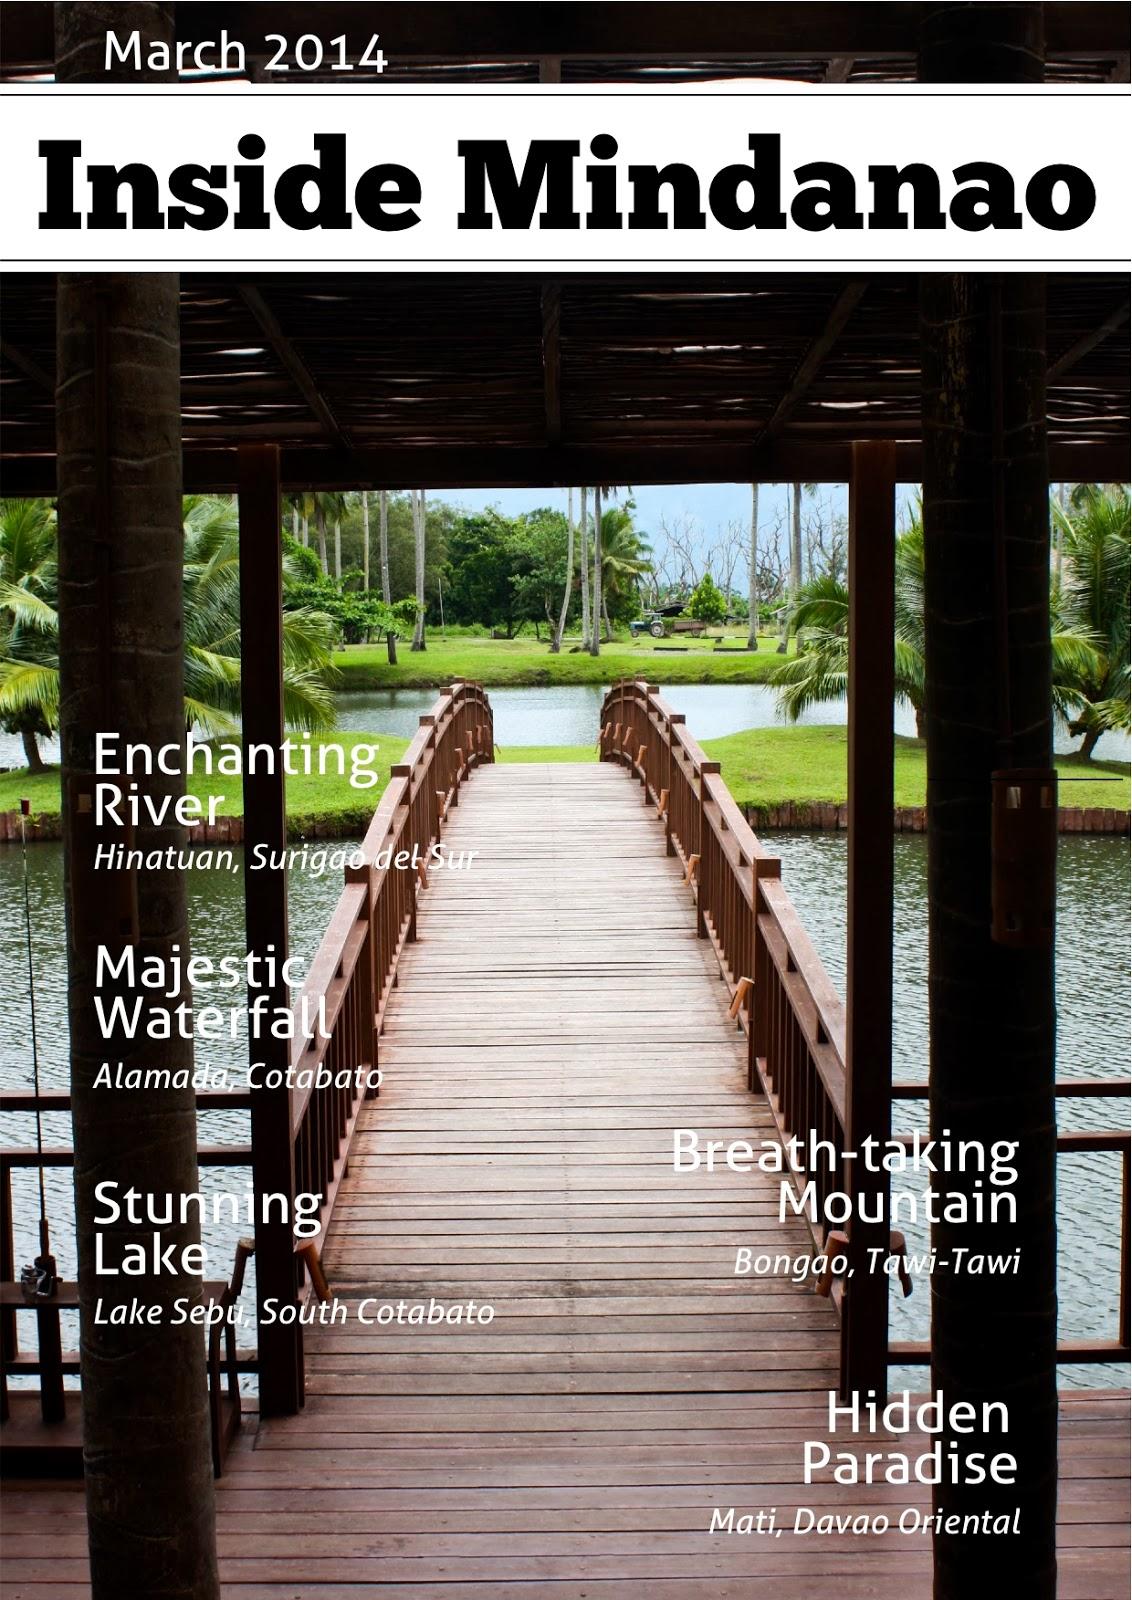 Inside Mindanao Magazine